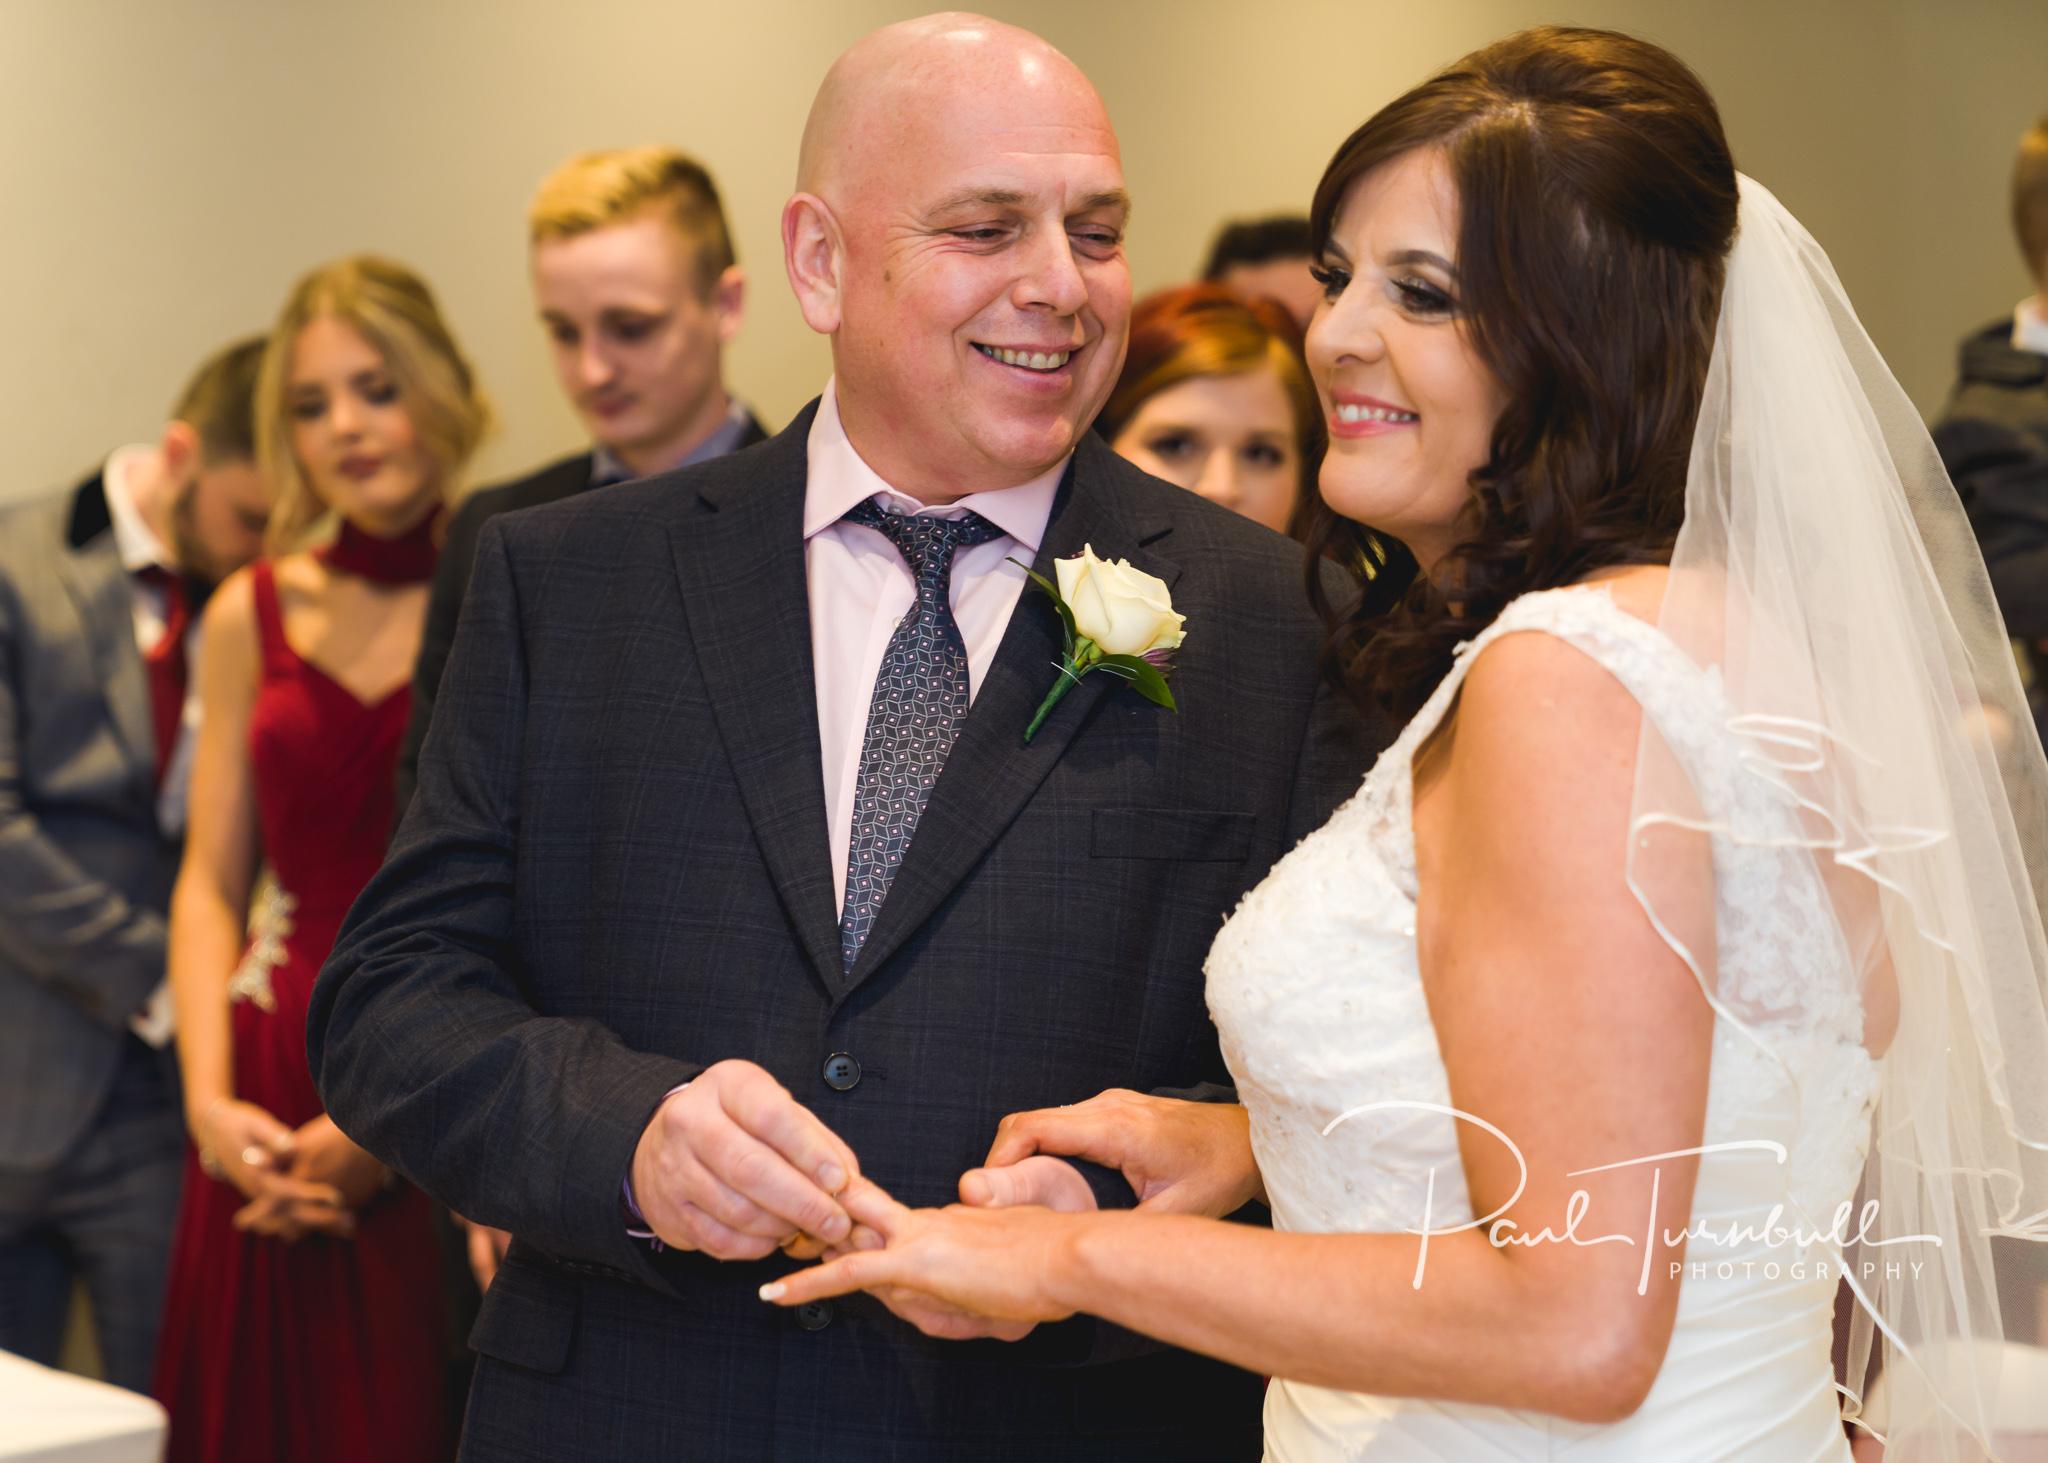 wedding-photographer-leeds-holiday-inn-garforth-031.jpg